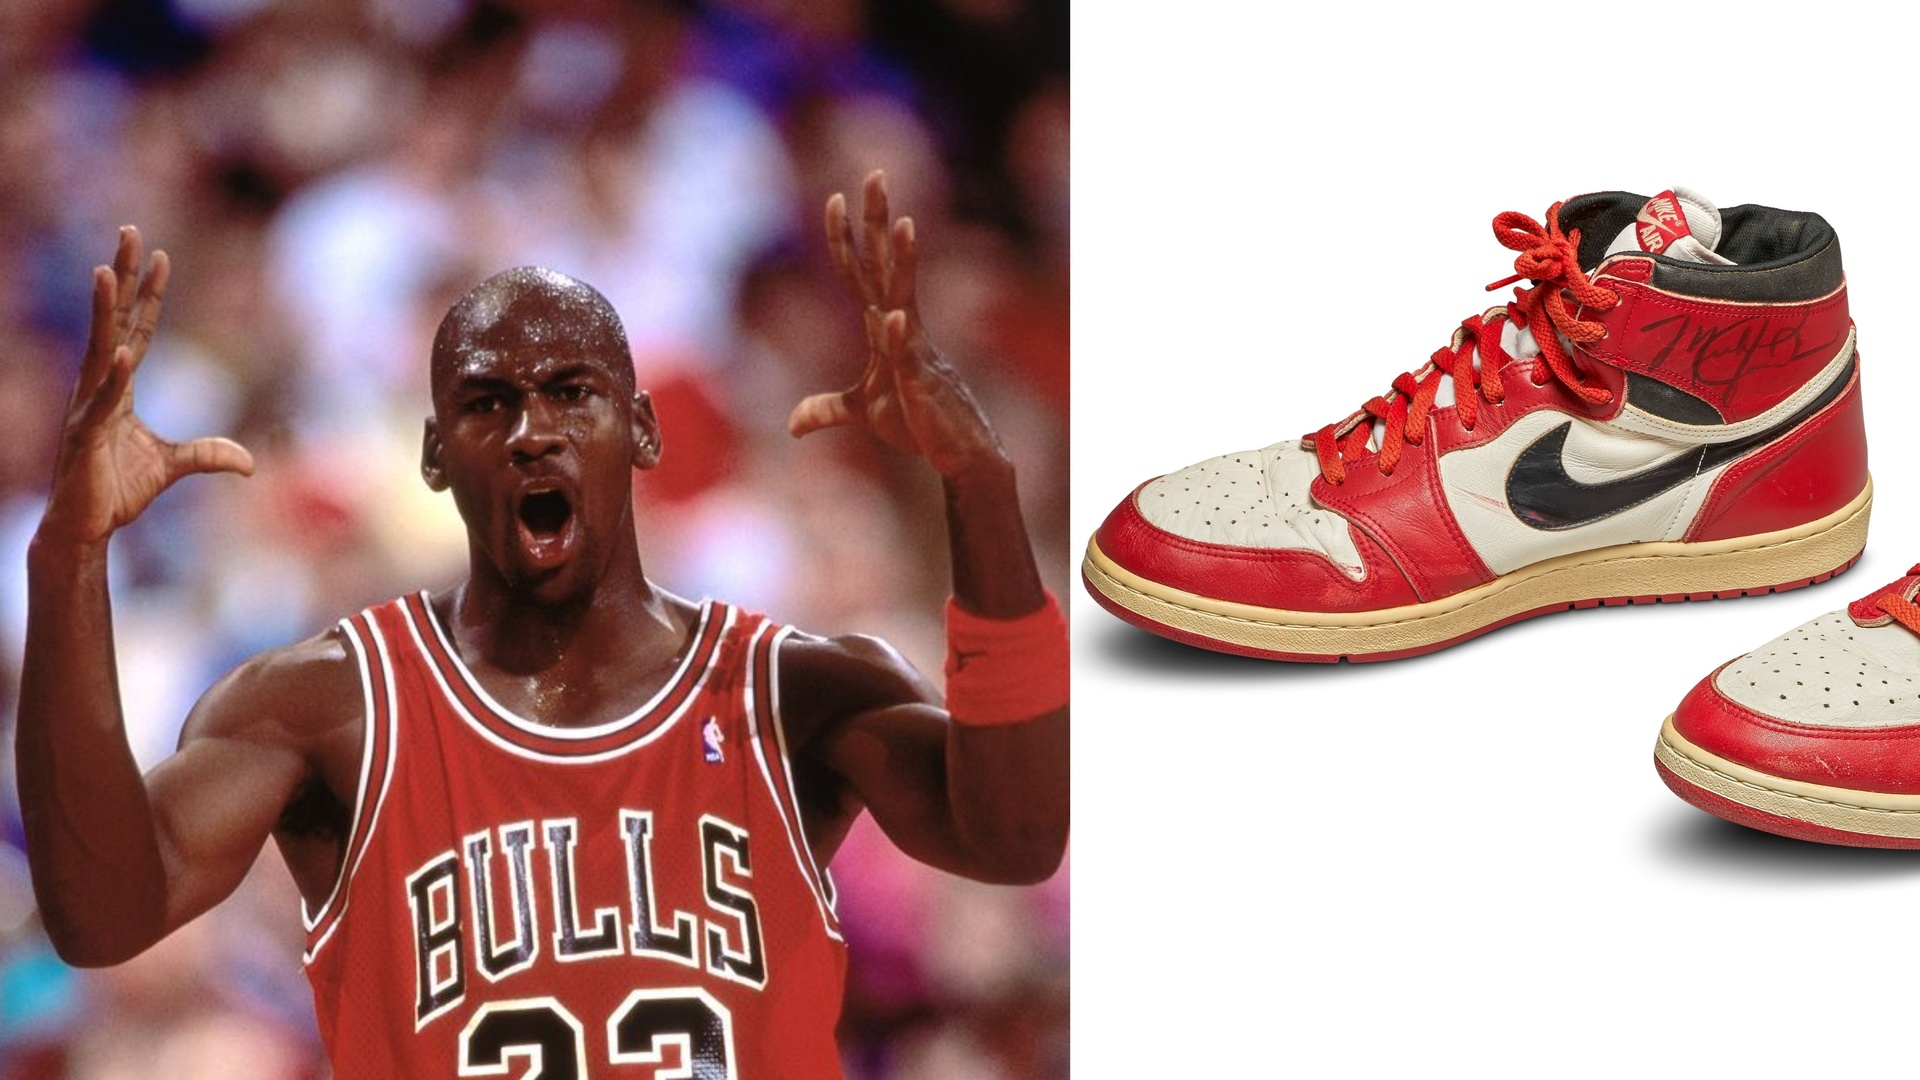 الحنين يجعل حذاء مايكل جوردان الأغلى في التاريخ